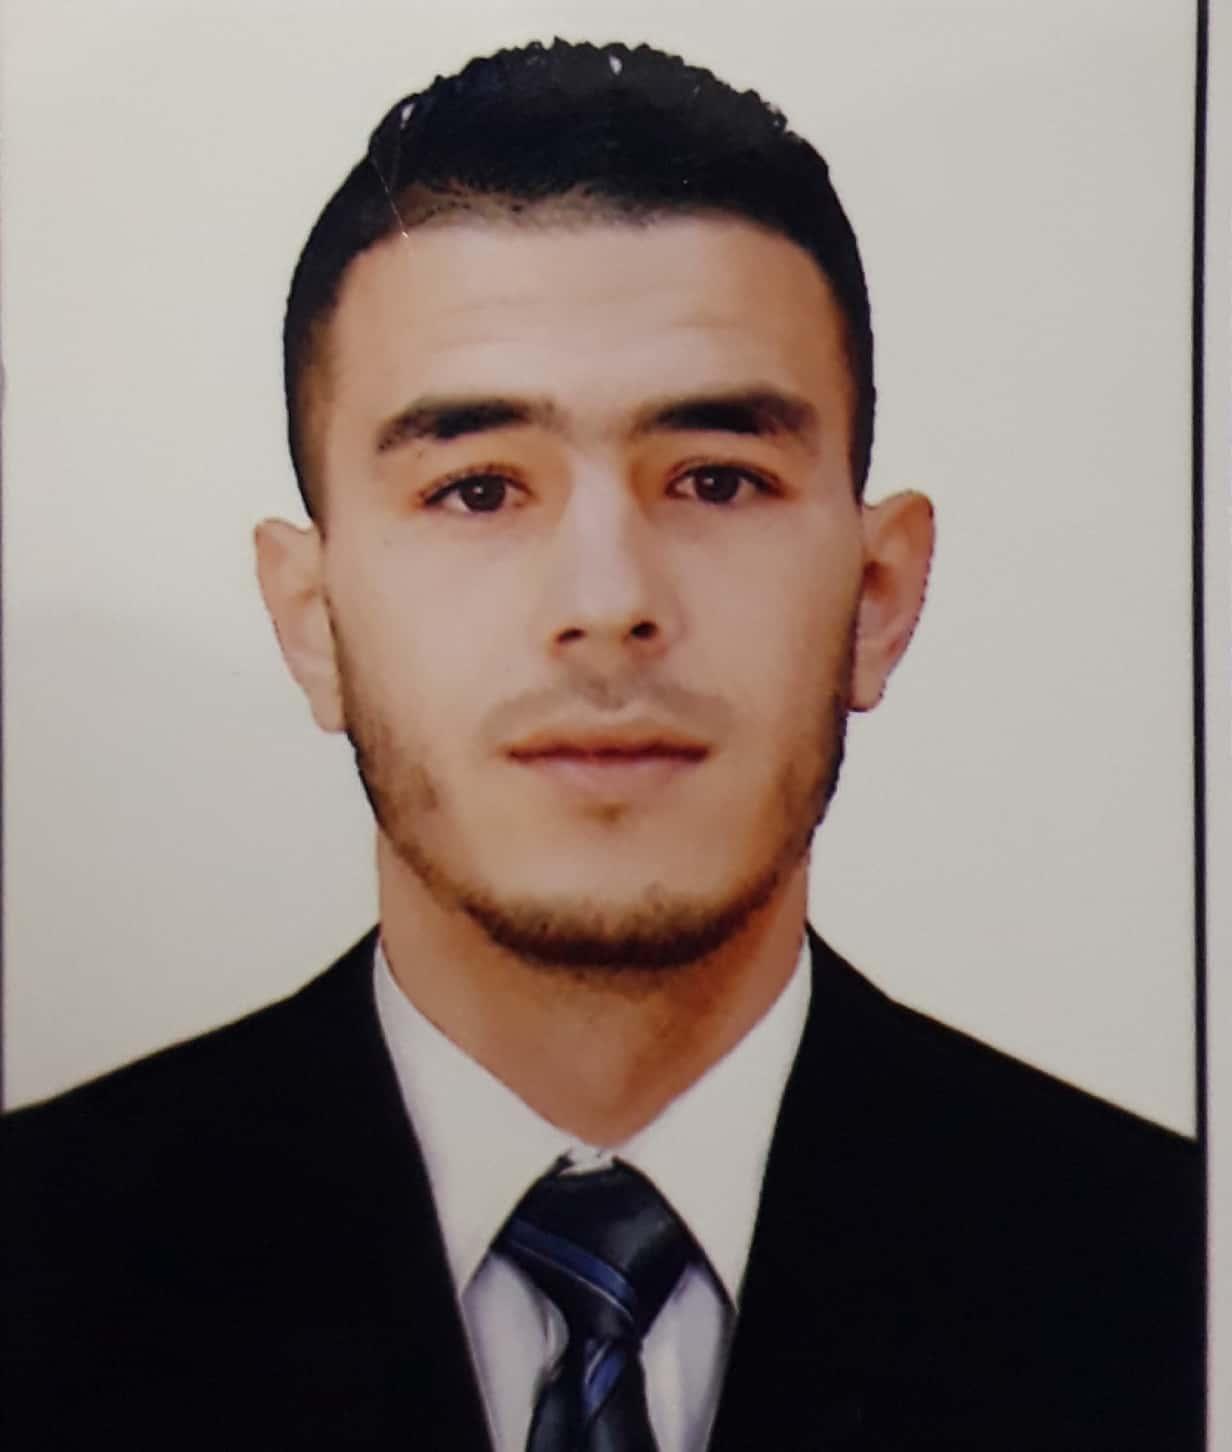 HADIDI Abdelhadi